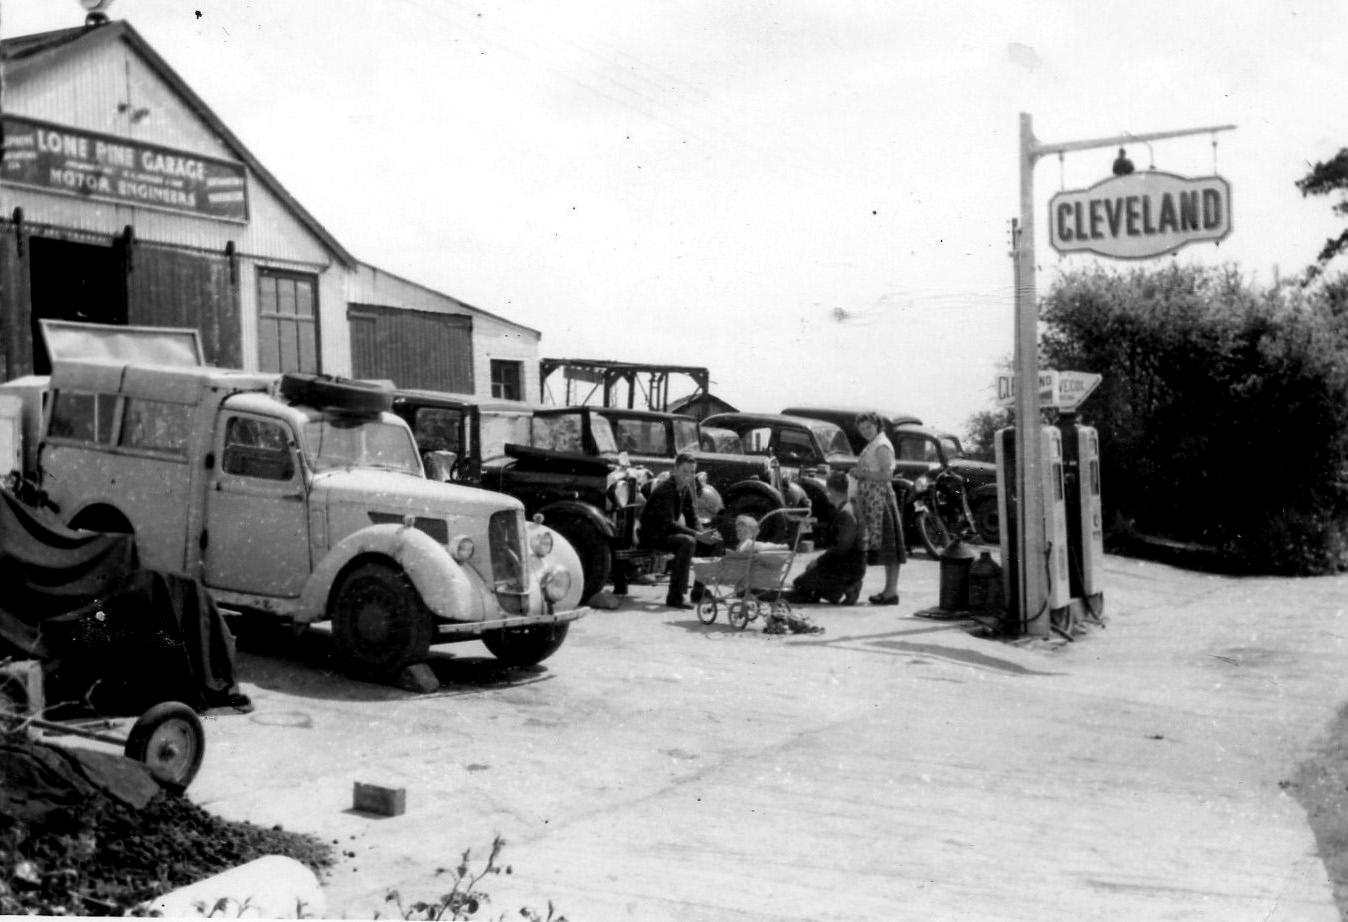 Garage 1950 Lone Pine Garage